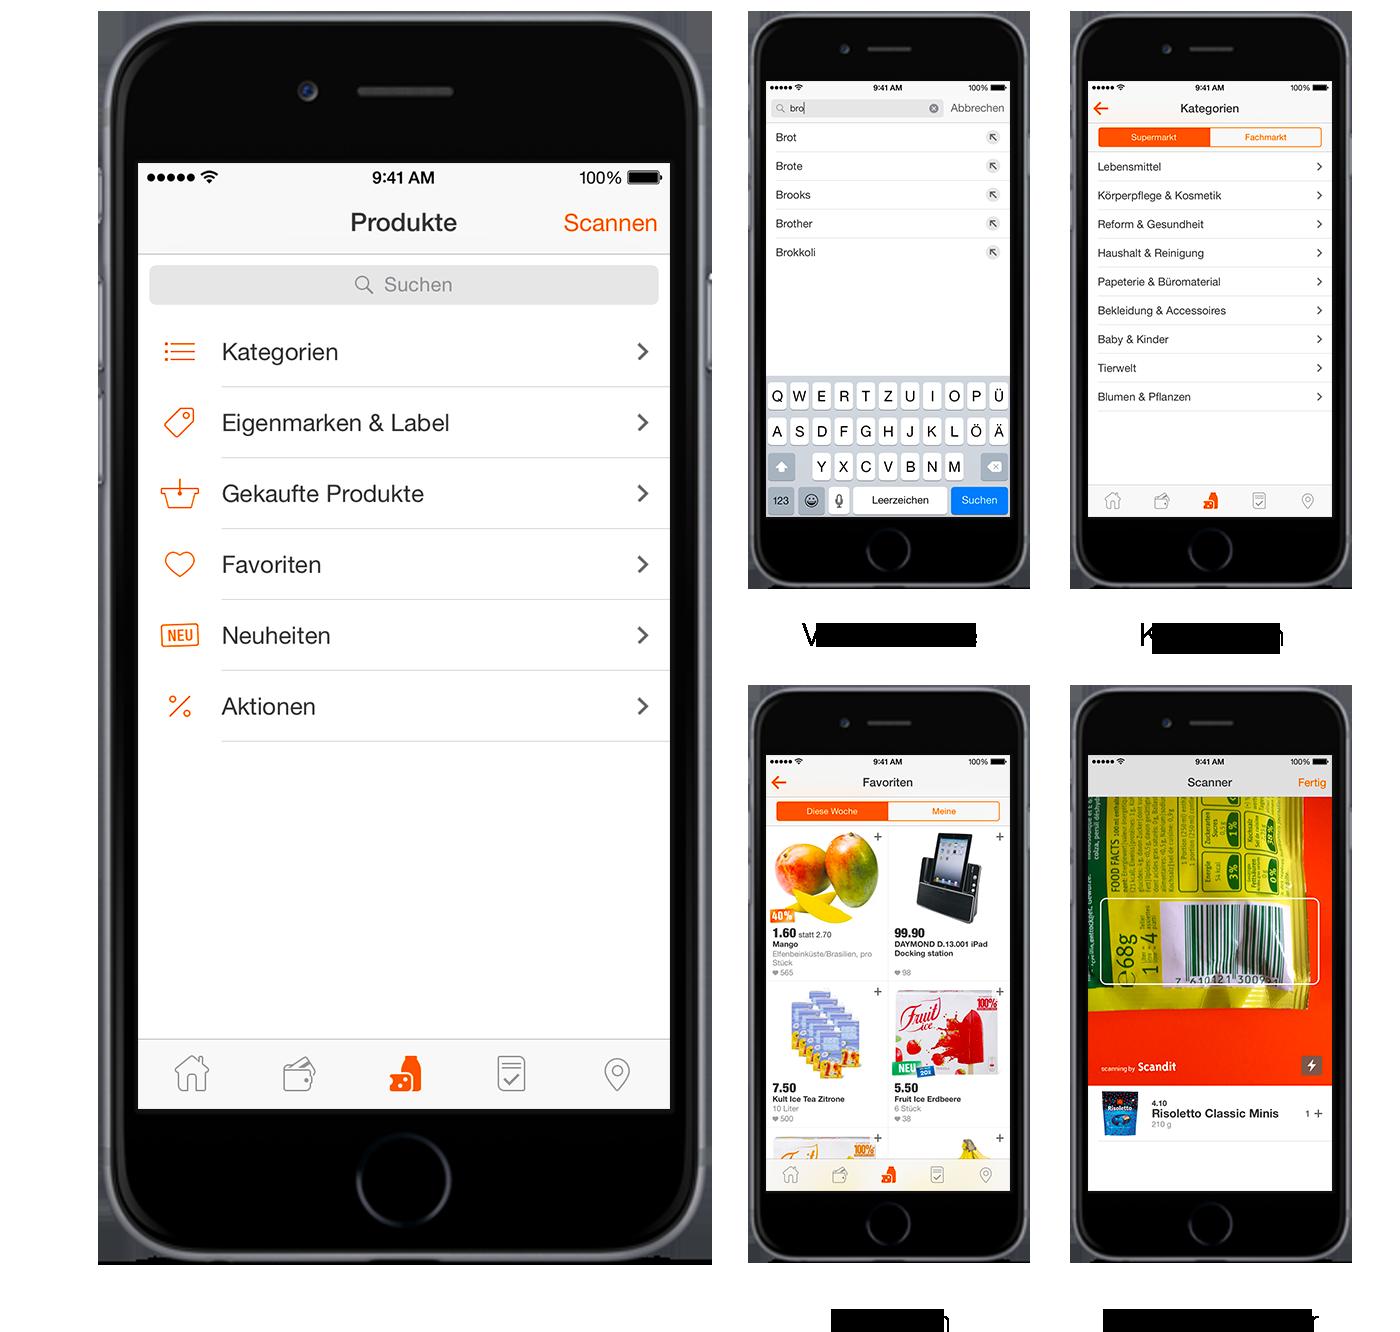 Migros,app,ios,android,cumulus,iOS 7,outline,Supermarket